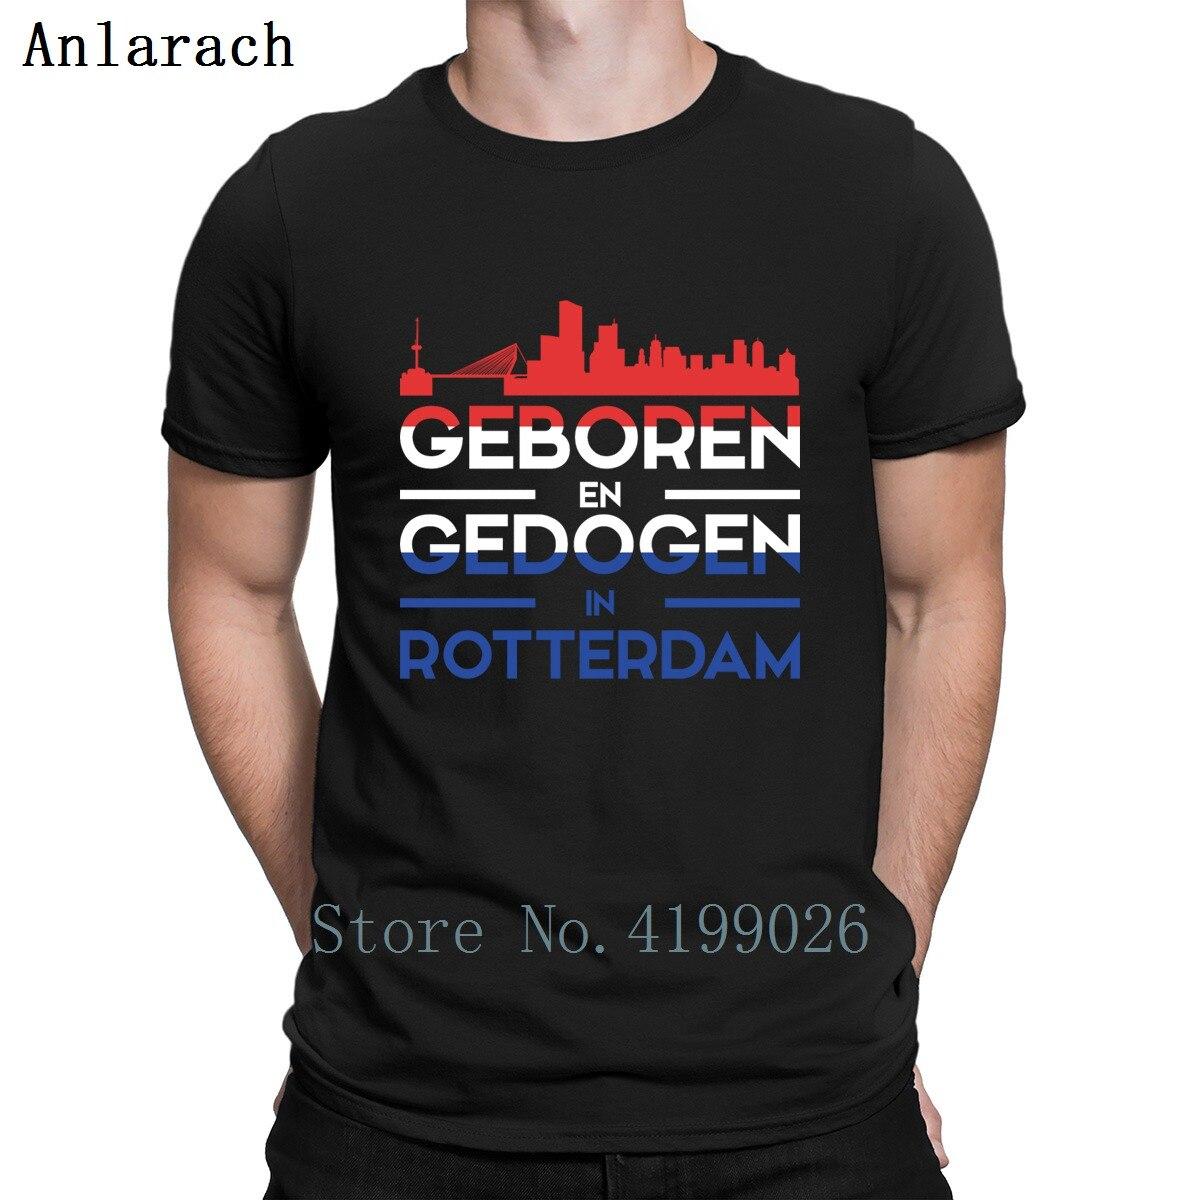 6c340658e623 Rotterdam Citytrip Presente Turismo T Personalizado Camisa Estilo Verão  Roupas de Fitness Mens T Camisas Tamanho Euro S-3xl Carta Venda Quente